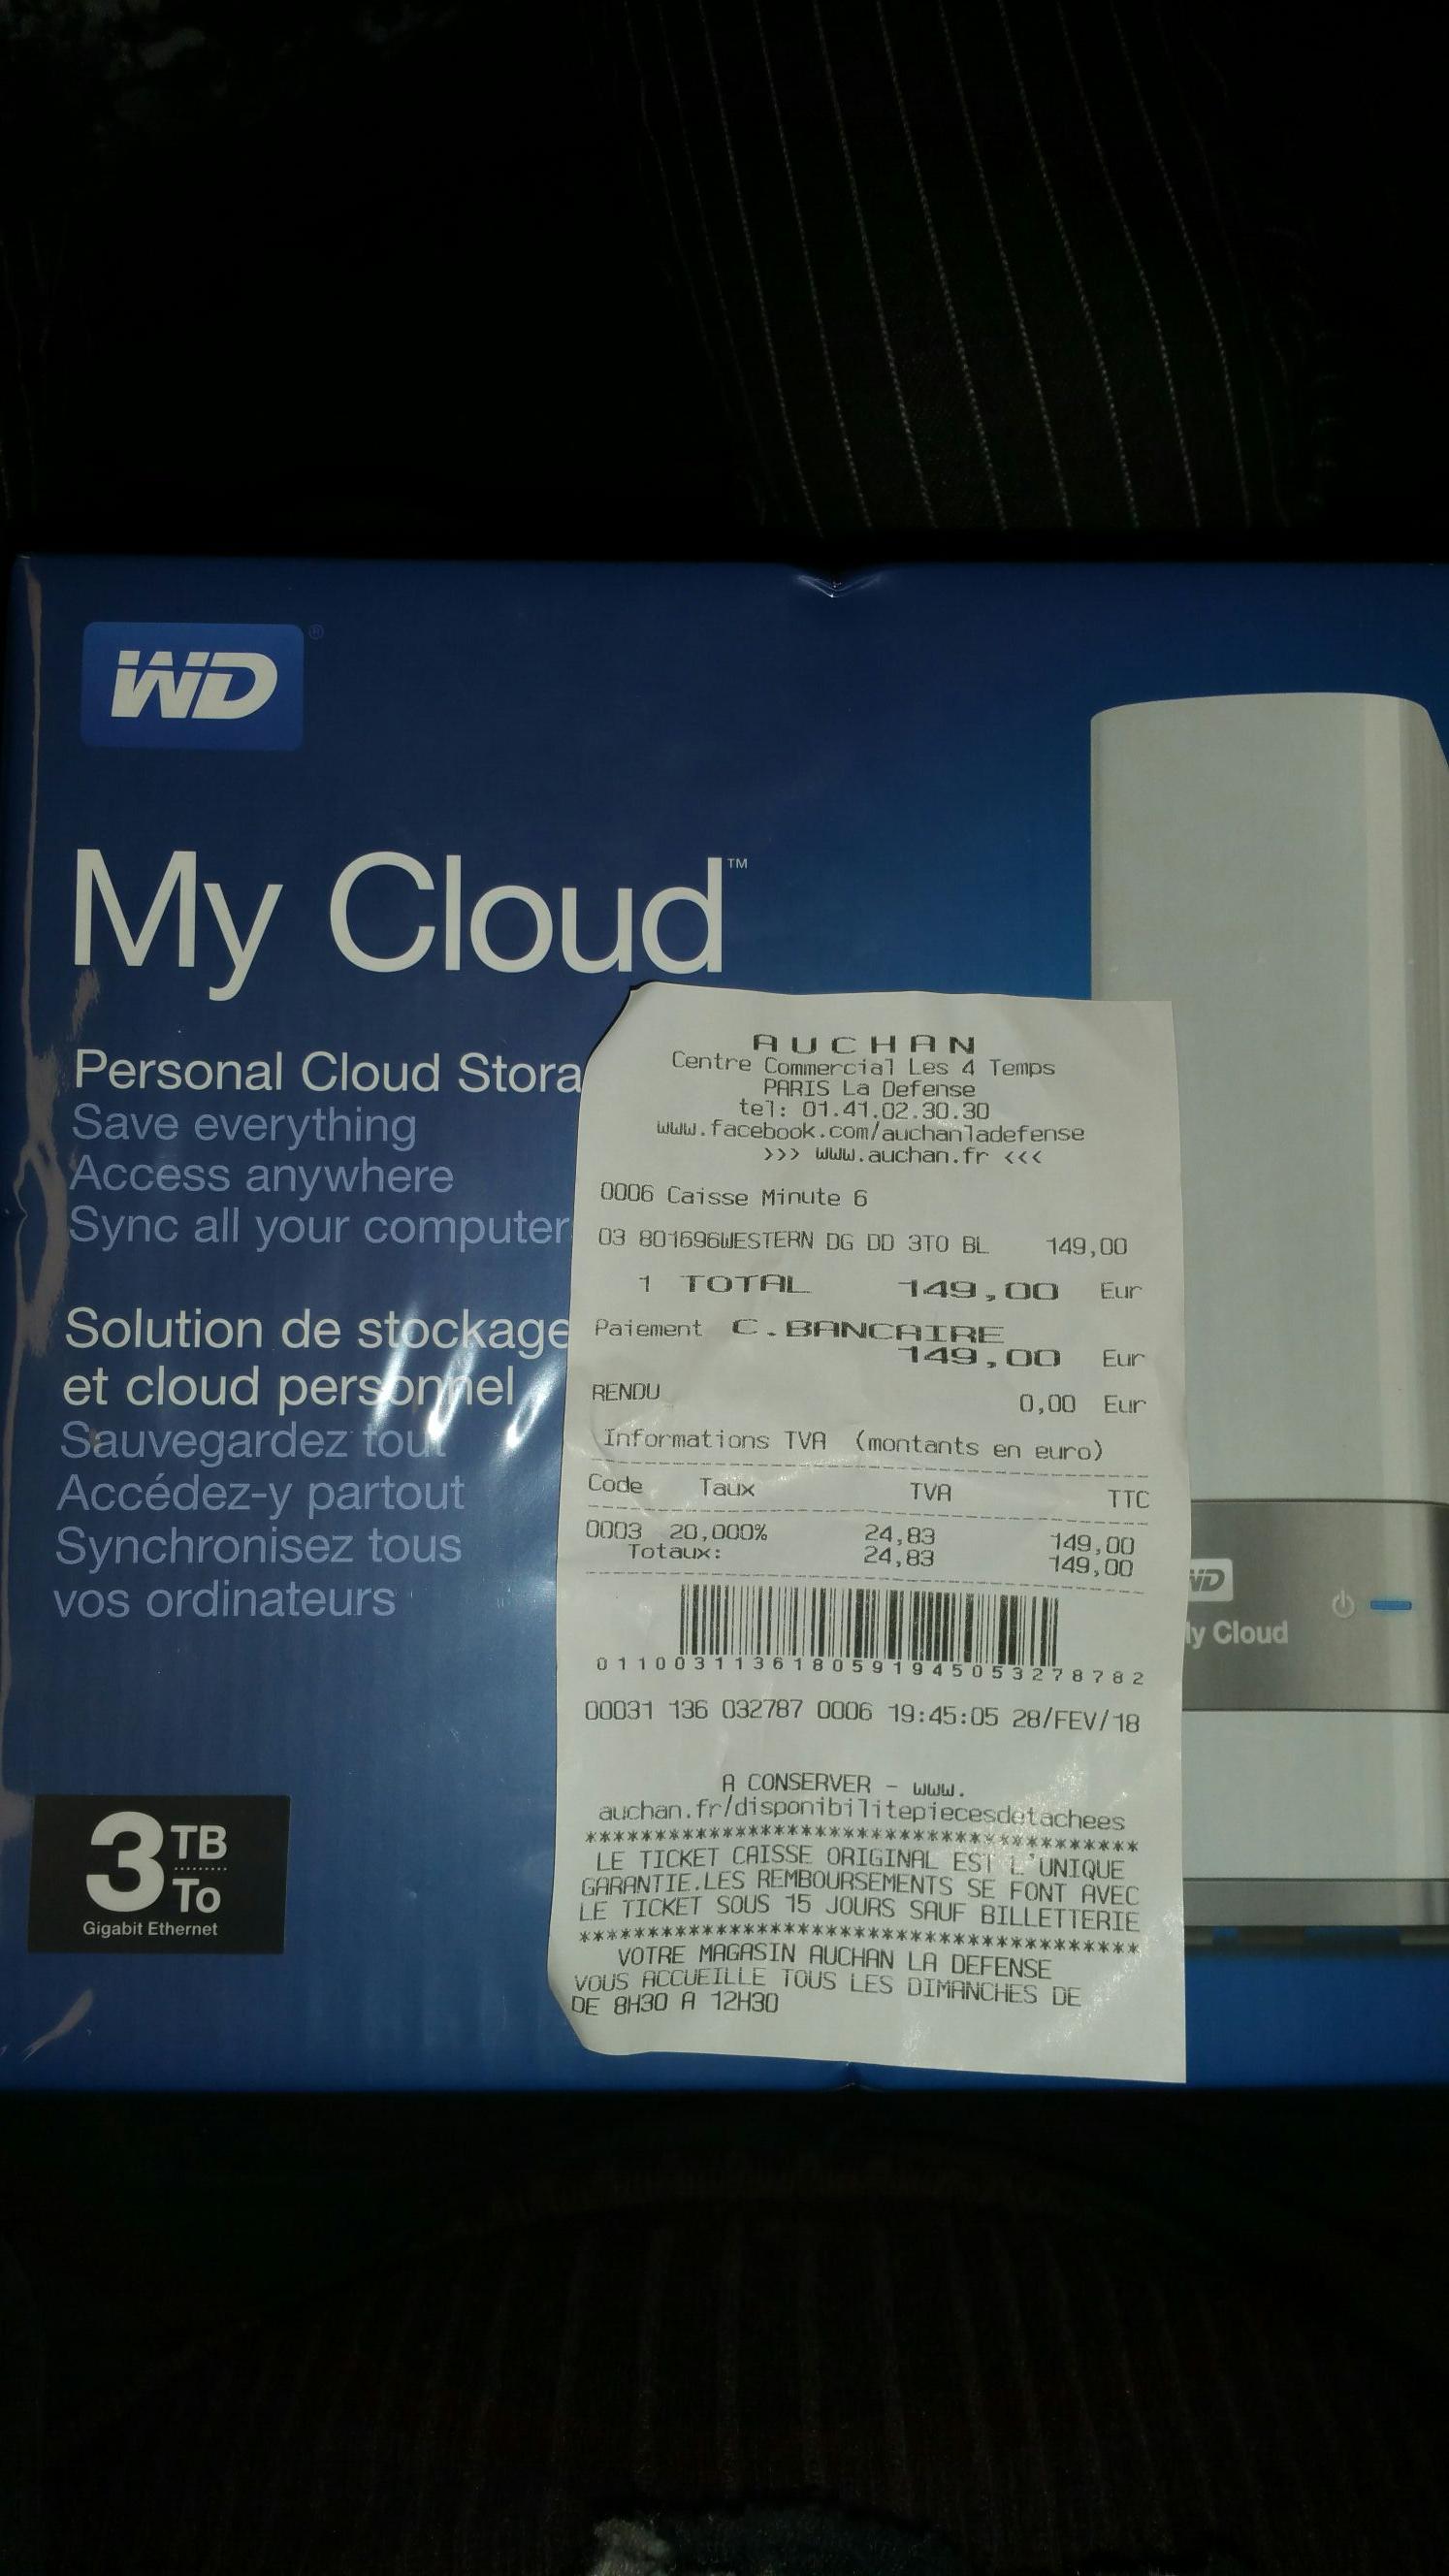 Disque dur réseau WD My Cloud 3To - La Défense (92)